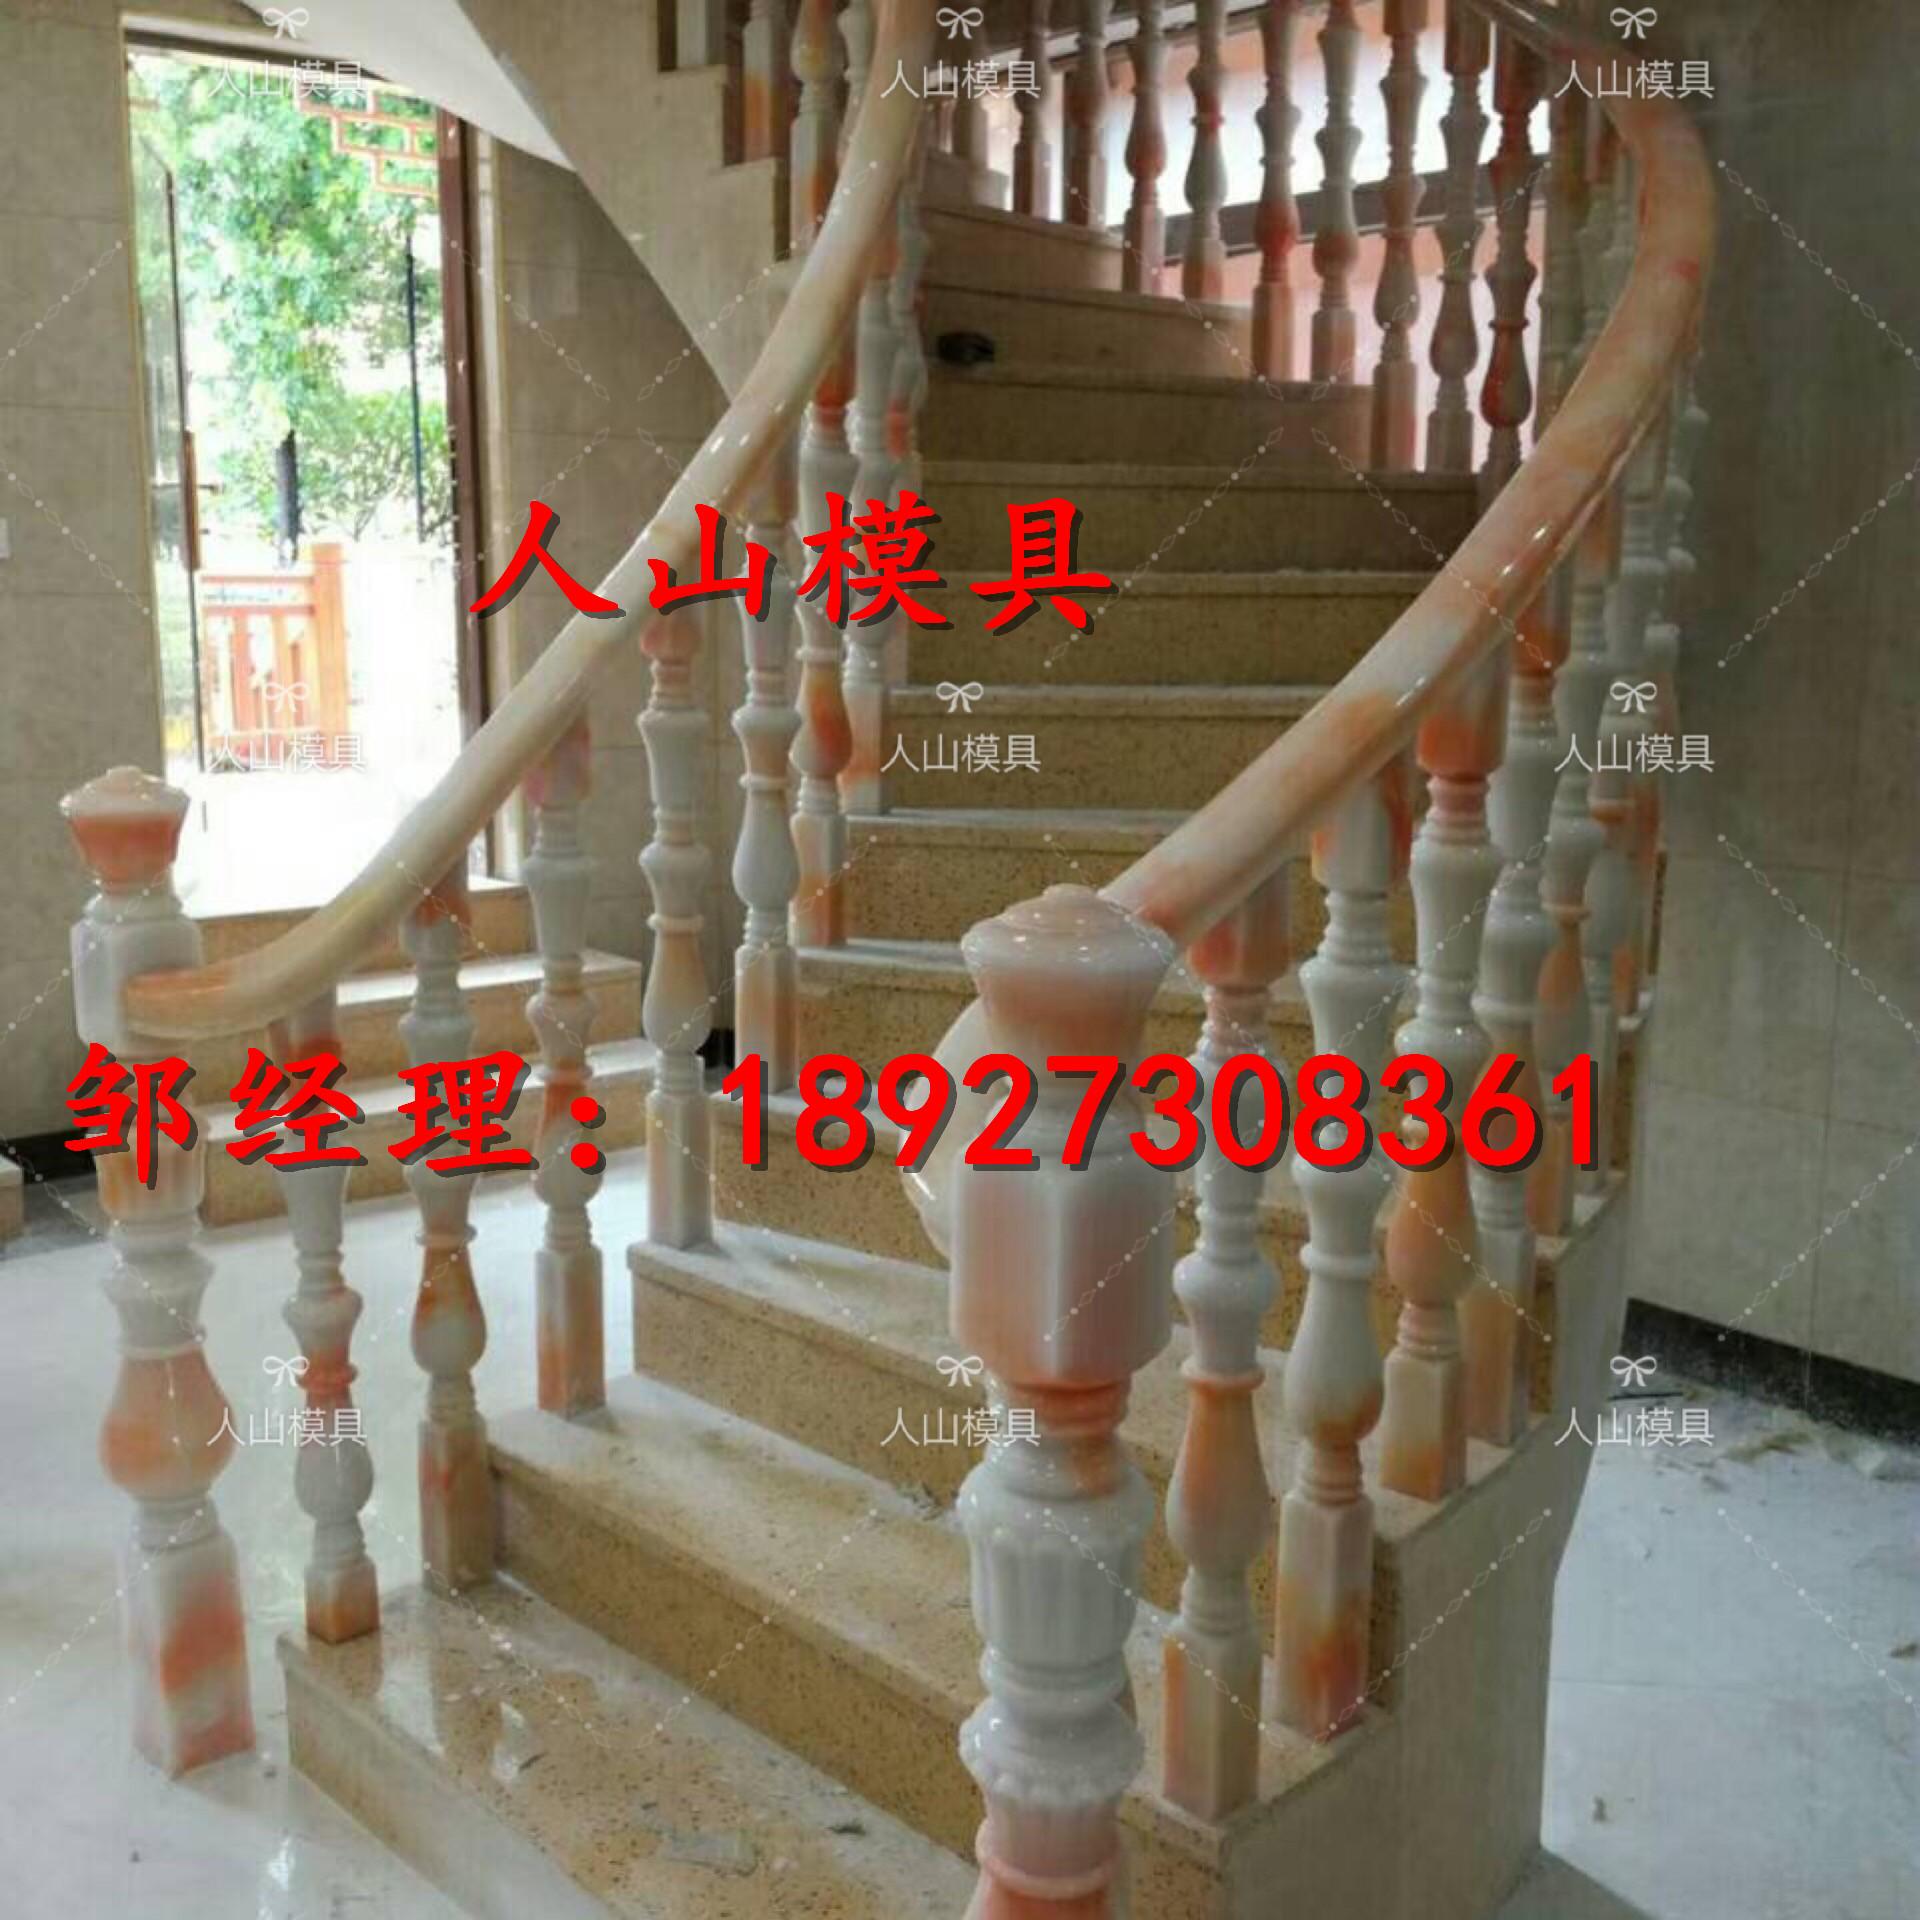 长期代加工仿汉白玉玛瑙楼梯扶手模具及产品